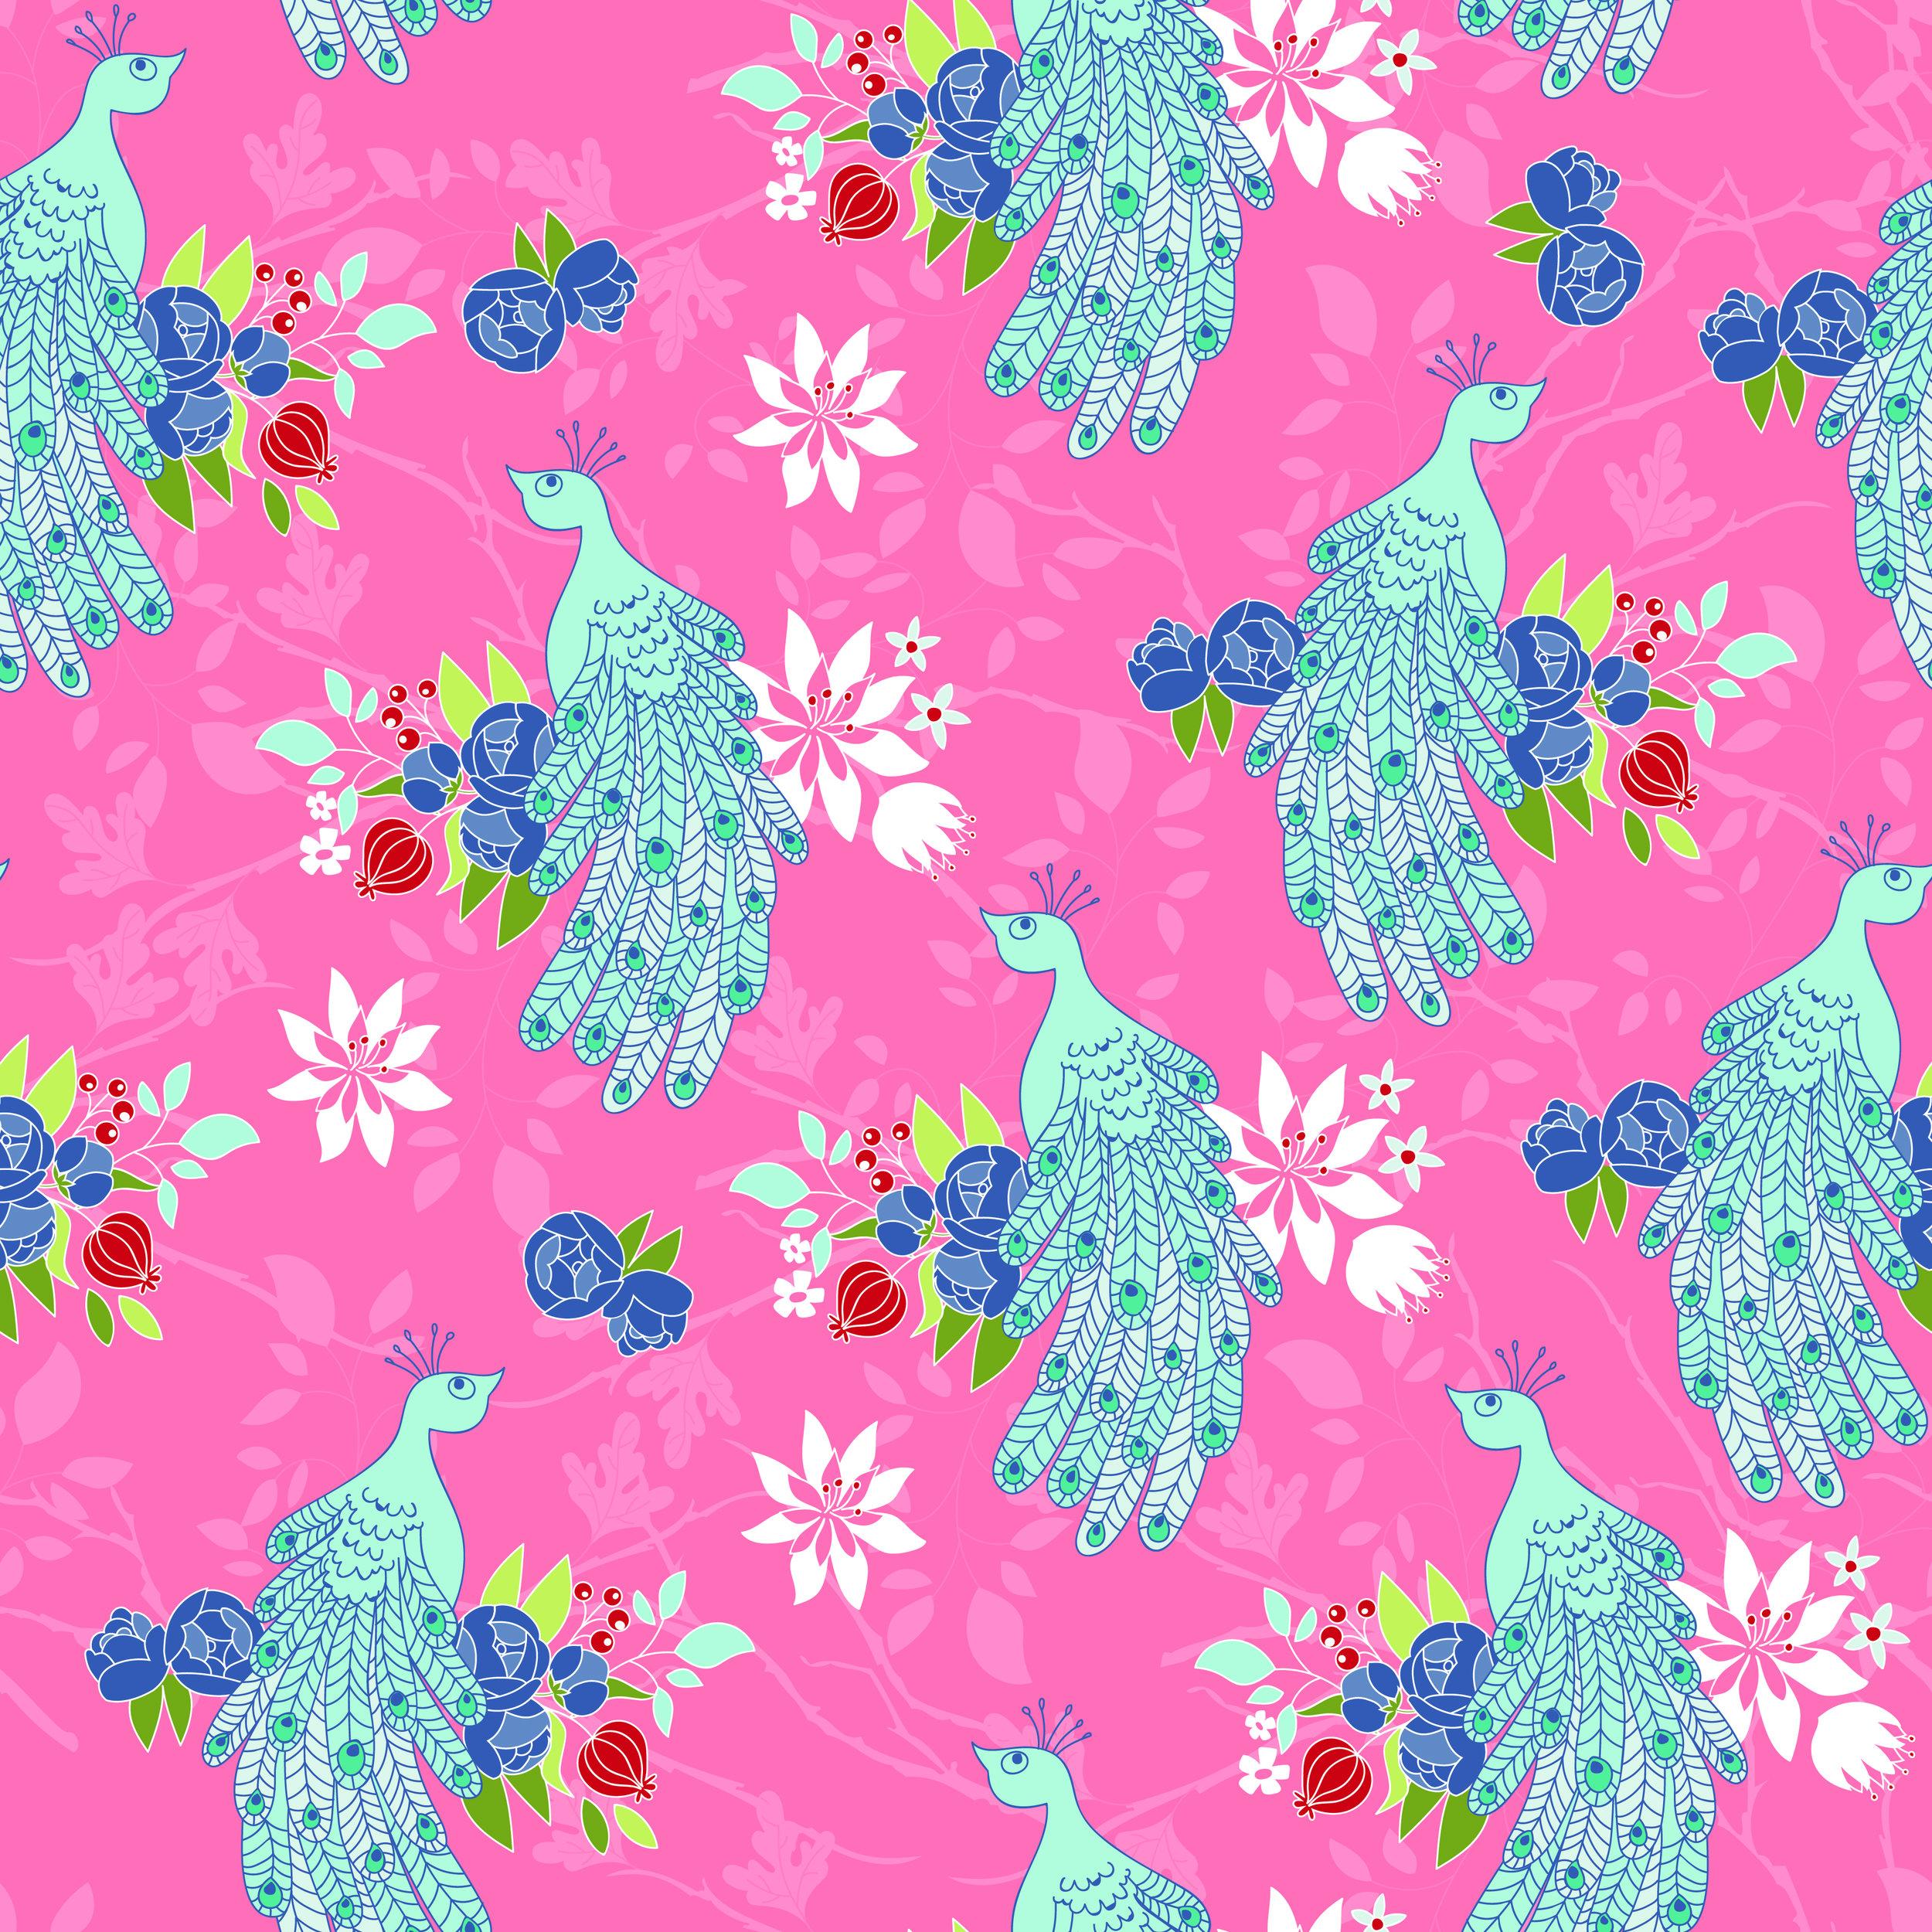 peacock floral pink 2-01.jpg